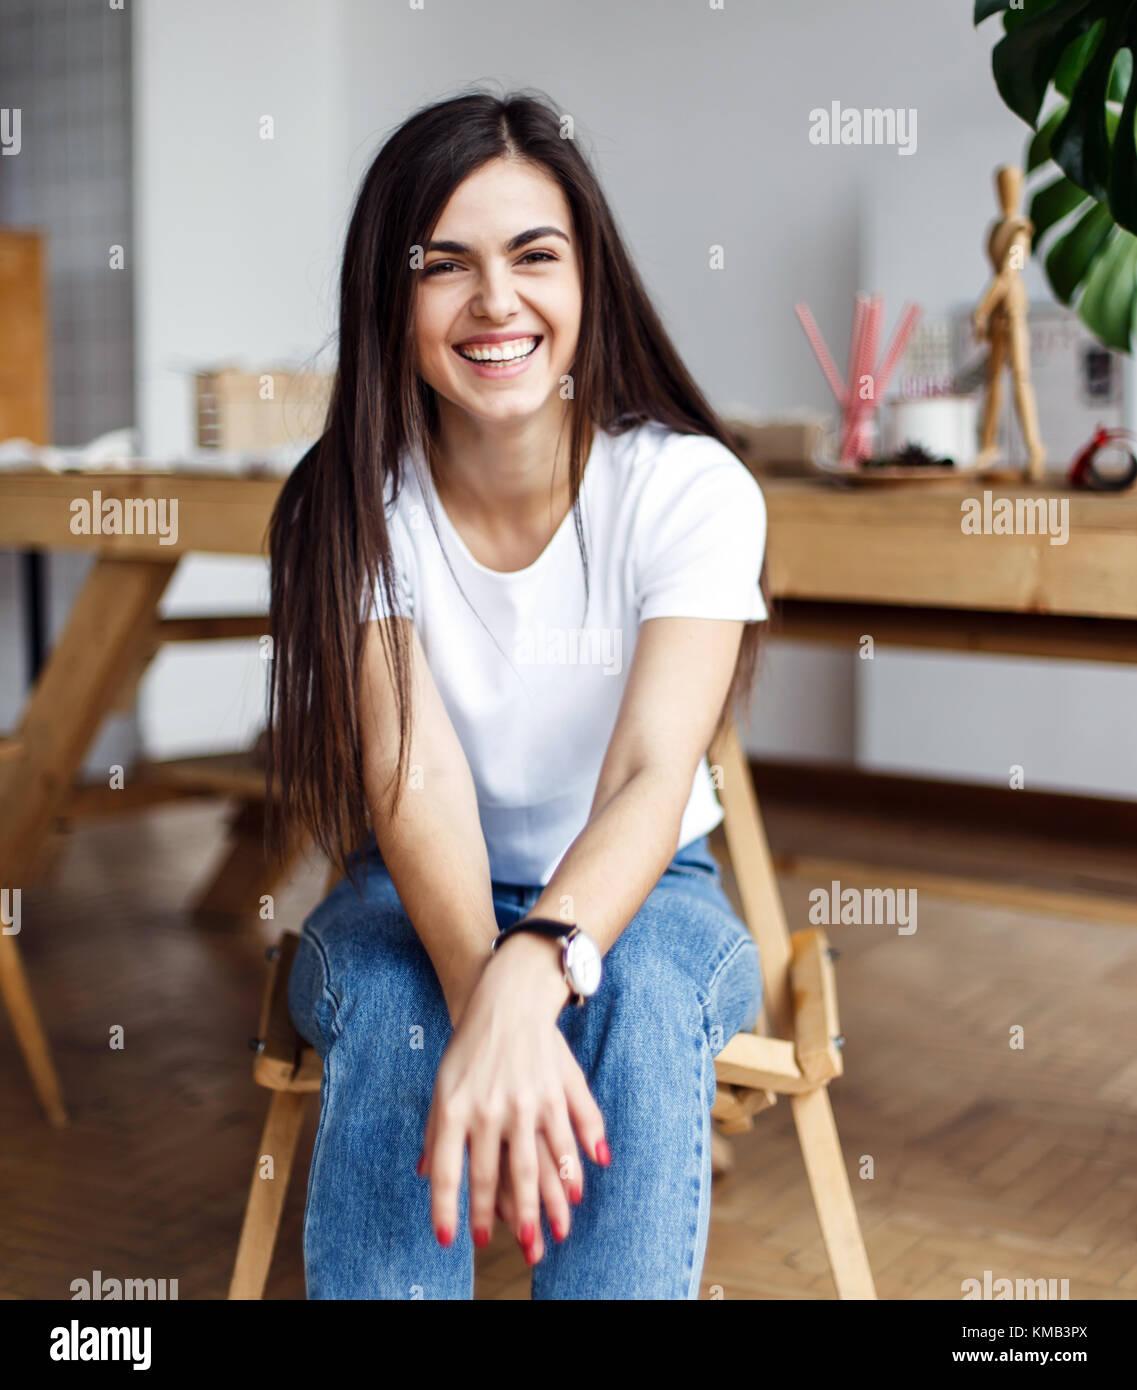 4b772fd4d Retrato de la hermosa joven viste camiseta blanca sentado en la silla de  madera en interiores